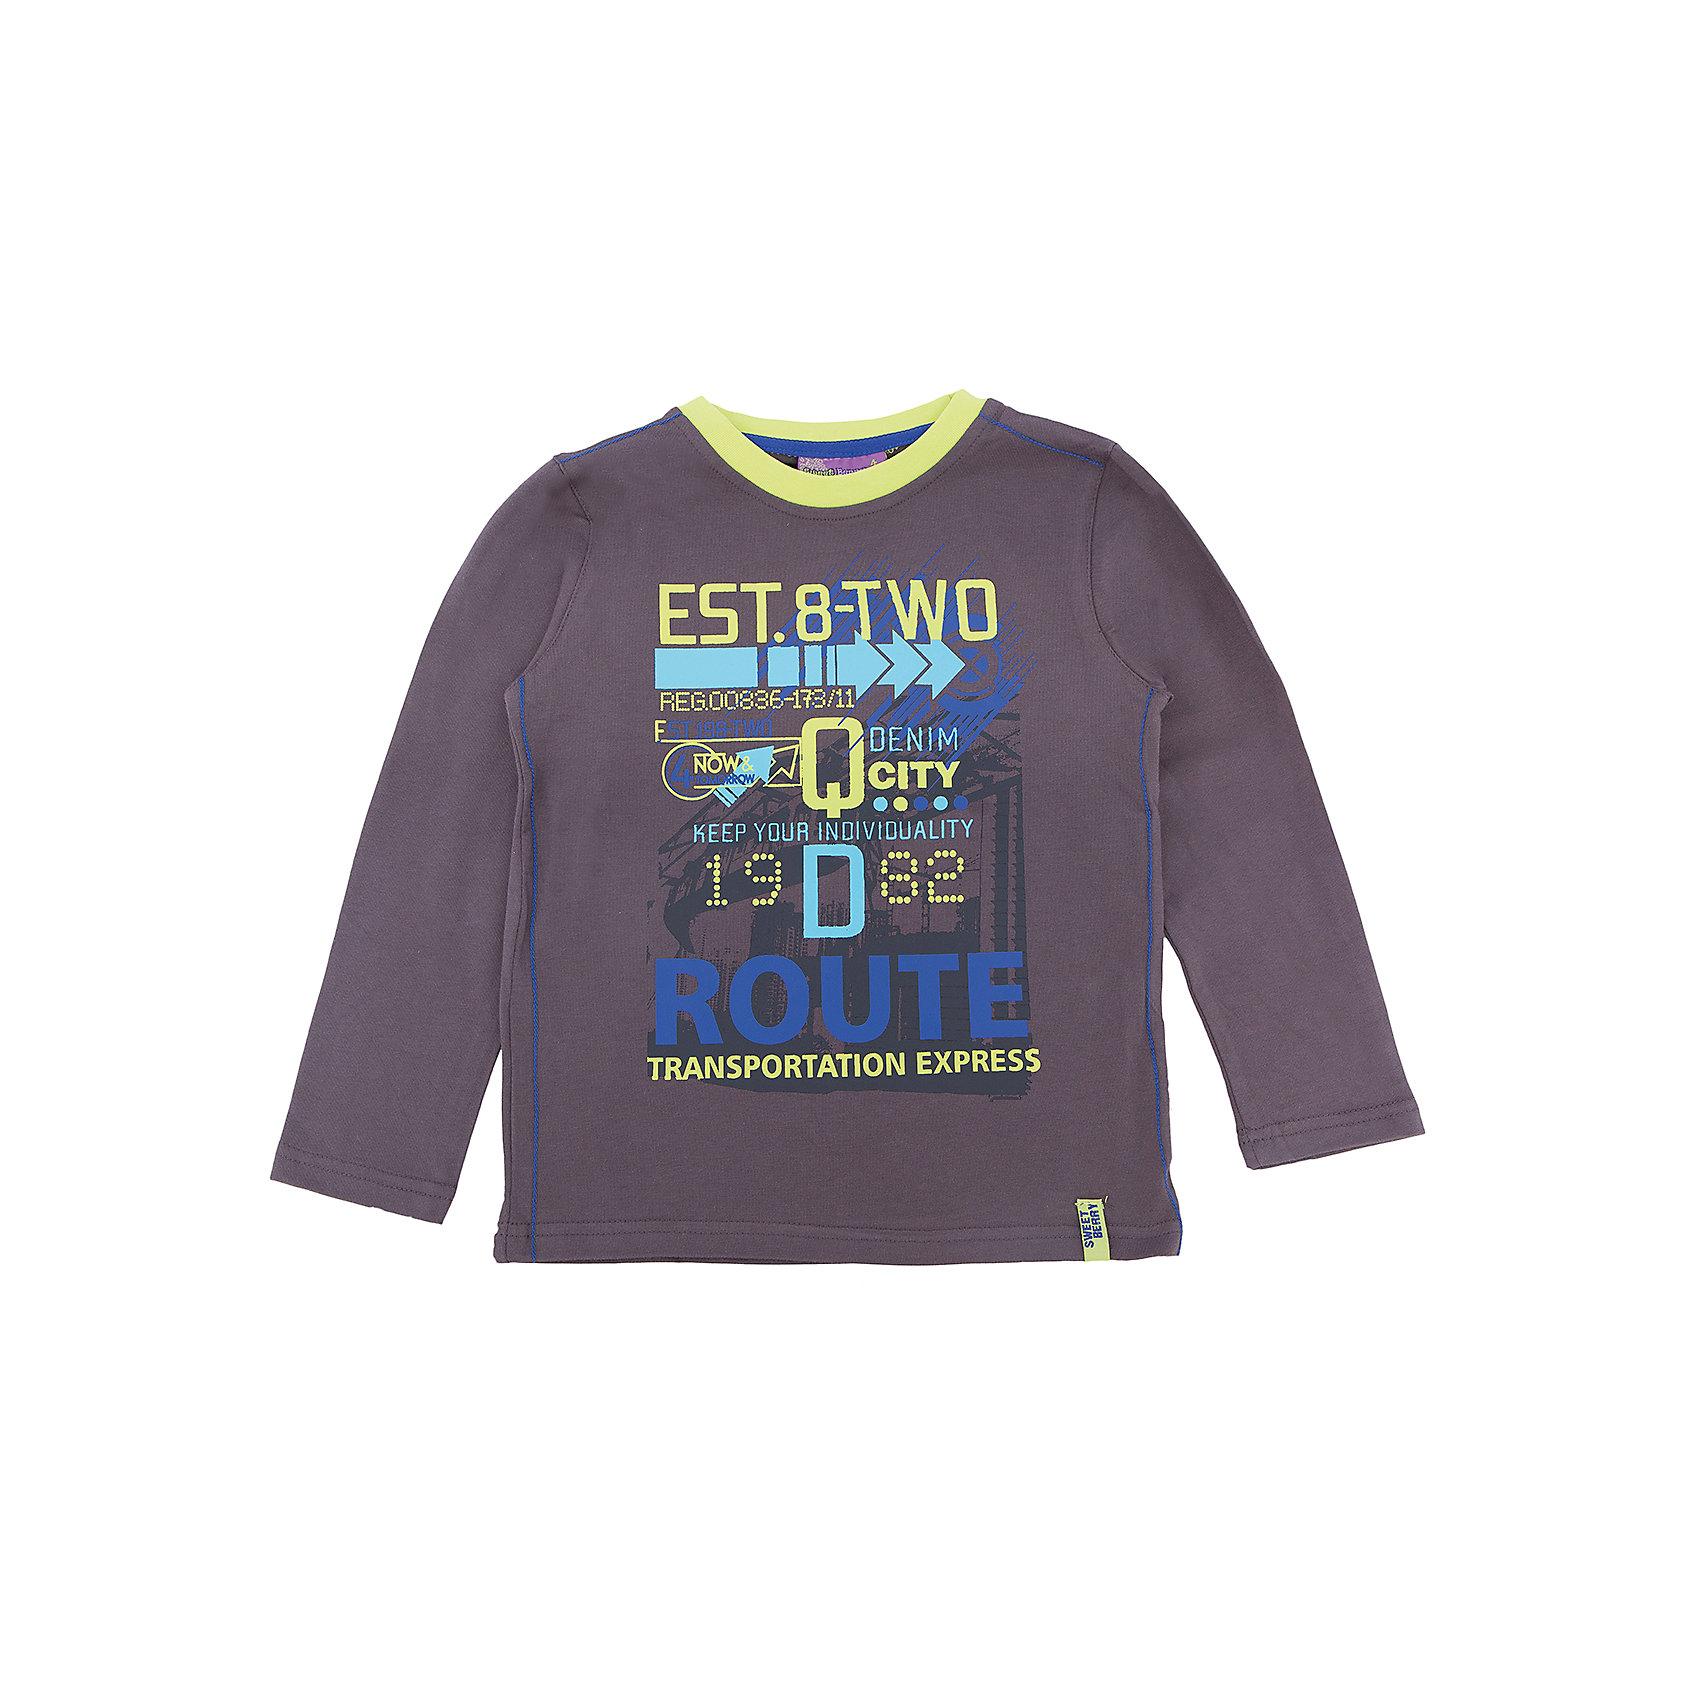 Футболка с длинным рукавом для мальчика Sweet BerryТакая футболка с длинным рукавом для мальчика отличается модным дизайном с ярким принтом. Удачный крой обеспечит ребенку комфорт и тепло. Горловина изделия обработана мягкой резинкой, поэтому вещь плотно прилегает к телу там, где нужно, и отлично сидит по фигуре.<br>Одежда от бренда Sweet Berry - это простой и выгодный способ одеть ребенка удобно и стильно. Всё изделия тщательно проработаны: швы - прочные, материал - качественный, фурнитура - подобранная специально для детей. <br><br>Дополнительная информация:<br><br>цвет: серый;<br>материал: 95% хлопок, 5% эластан;<br>декорирована принтом.<br><br>Футболку с длинным рукавом для мальчика от бренда Sweet Berry можно купить в нашем интернет-магазине.<br><br>Ширина мм: 230<br>Глубина мм: 40<br>Высота мм: 220<br>Вес г: 250<br>Цвет: серый<br>Возраст от месяцев: 24<br>Возраст до месяцев: 36<br>Пол: Мужской<br>Возраст: Детский<br>Размер: 98,104,110,116,122,128<br>SKU: 4930704